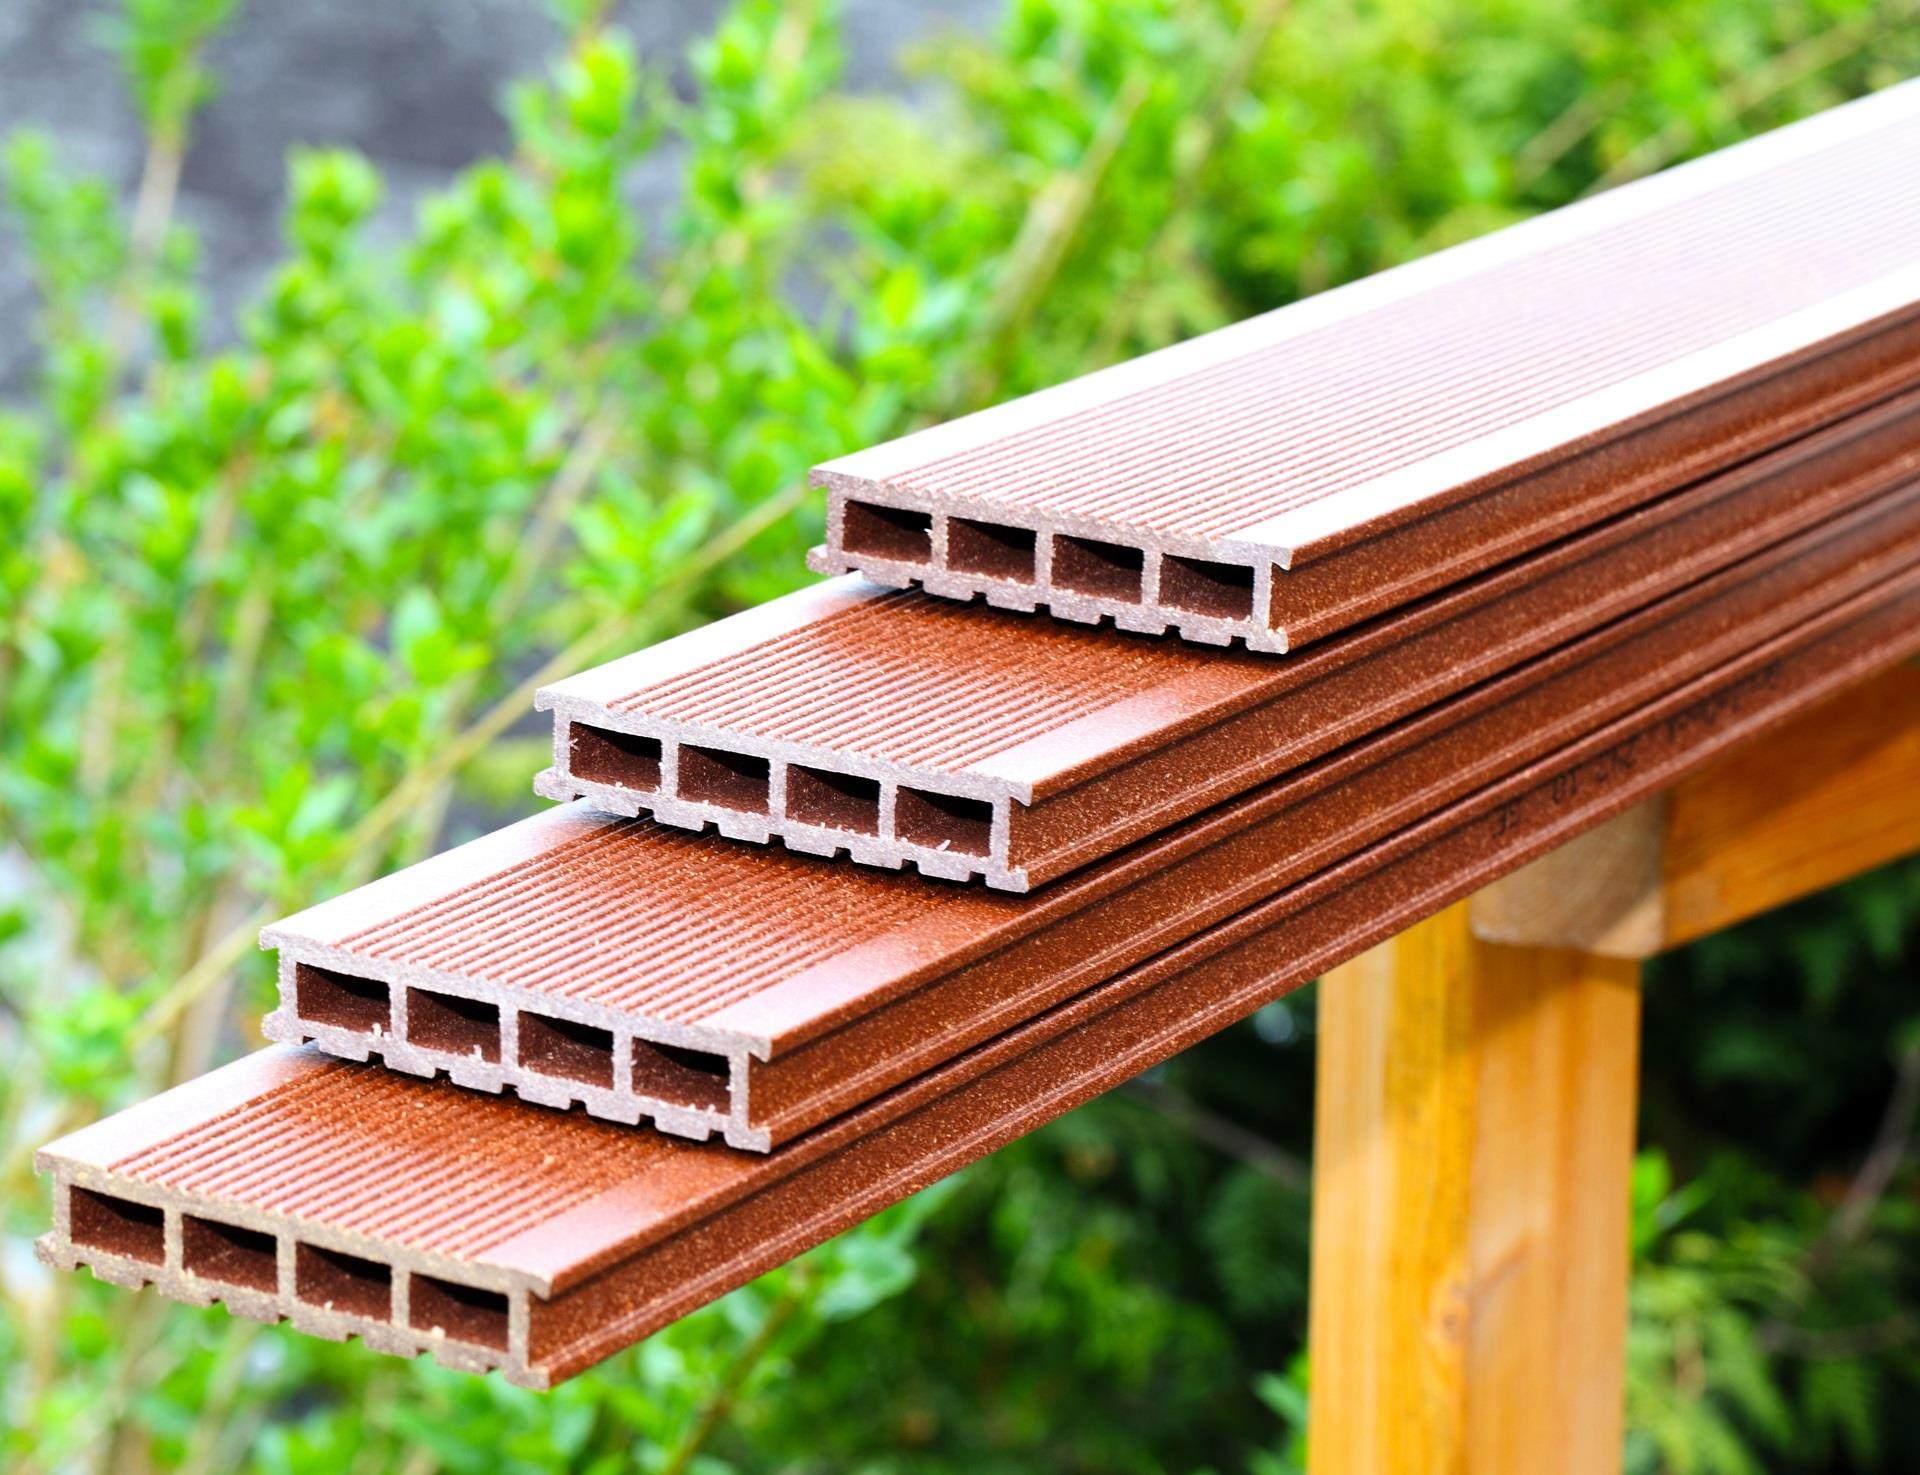 لیست قیمت چوب پلاست - سال 99